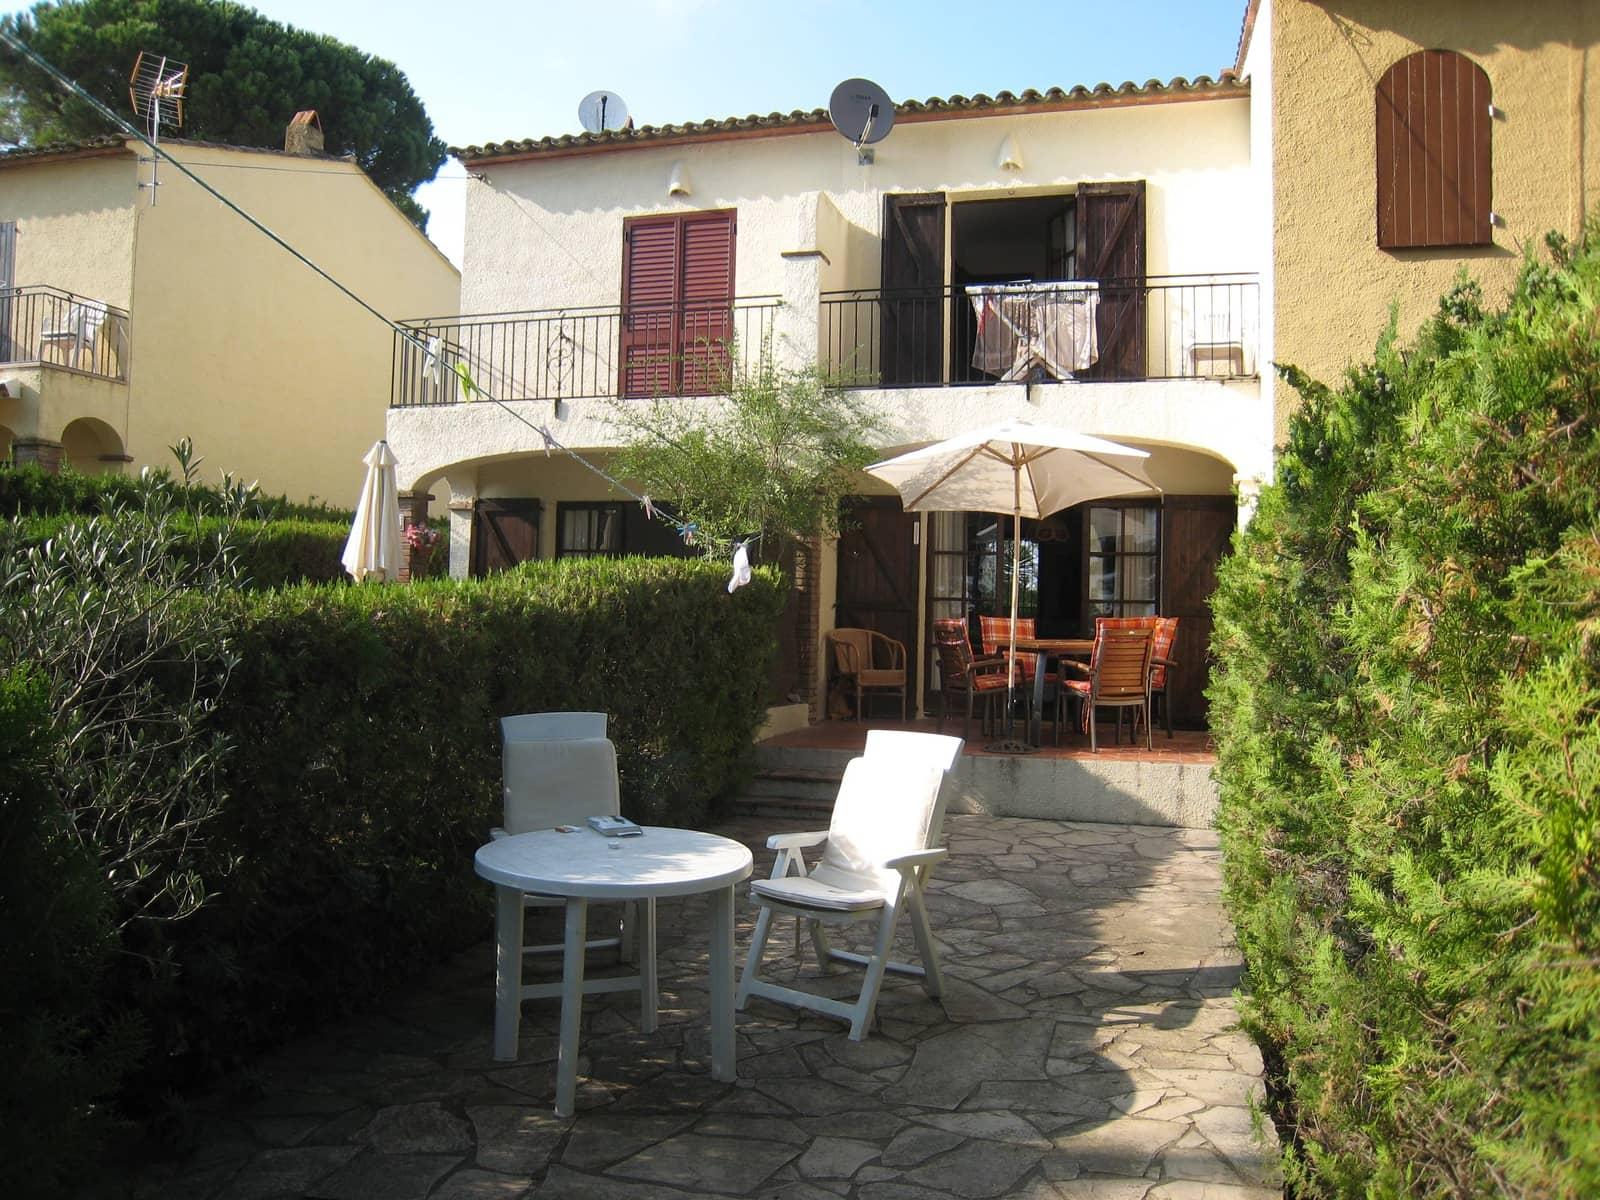 Adosado de 2 habitaciones en L'Estartit en alquiler vacacional con piscina - 343 € (Ref: 4631424)